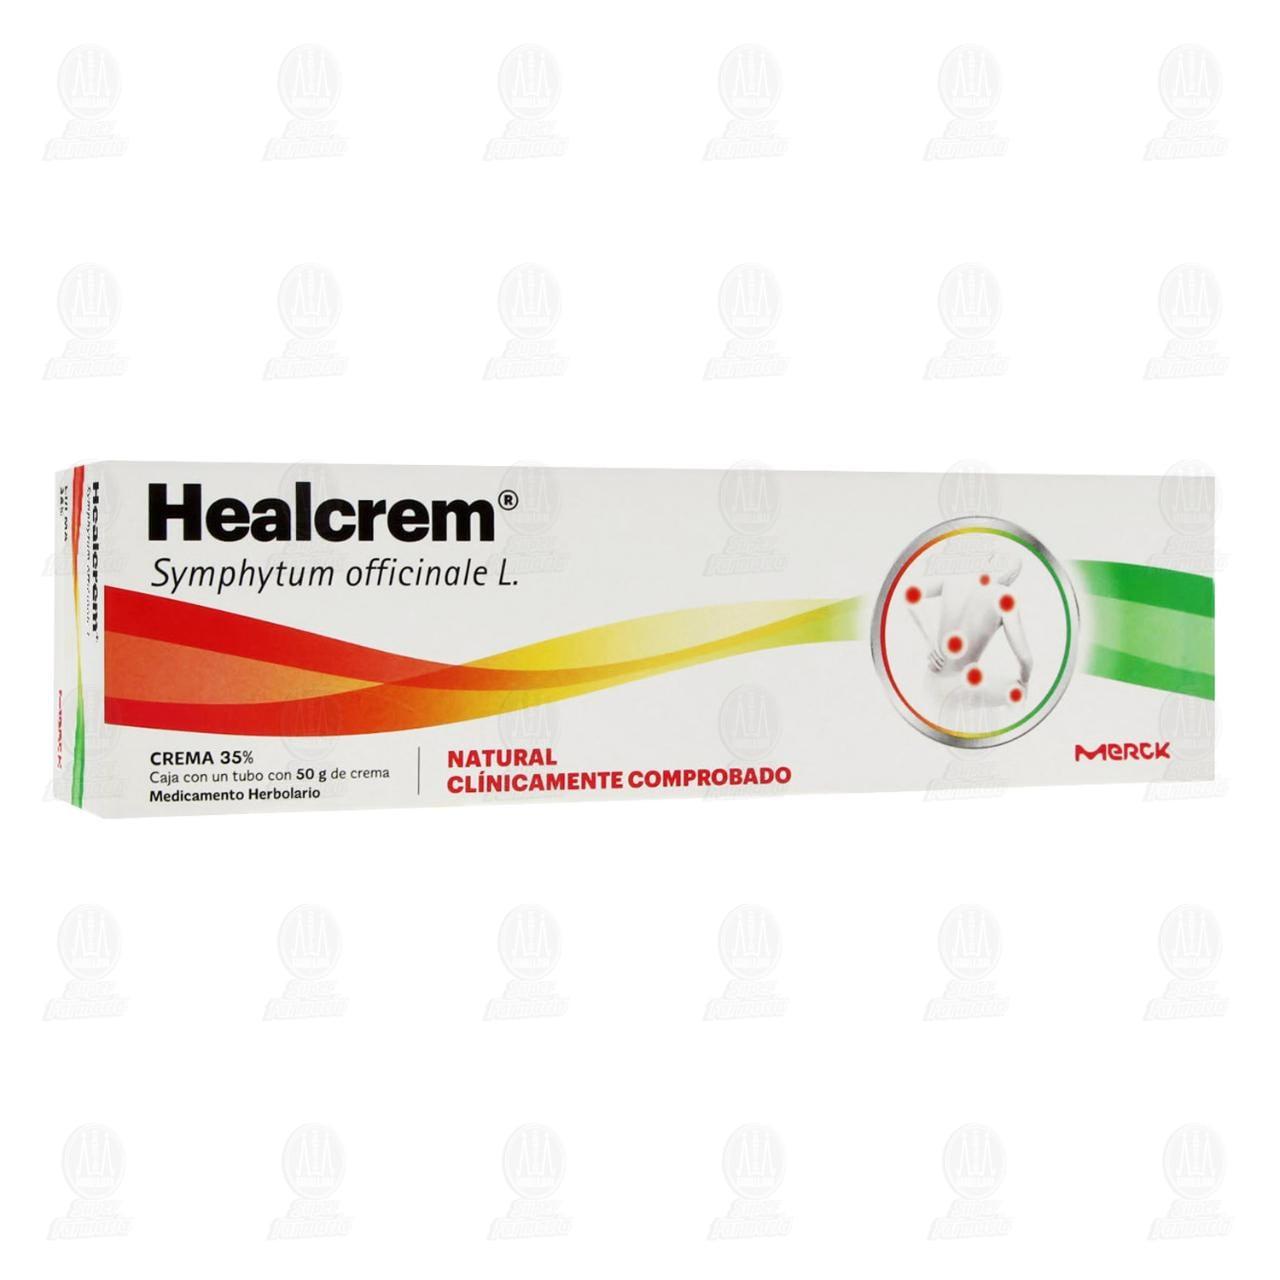 Comprar Healcrem Crema 35% 50gr en Farmacias Guadalajara